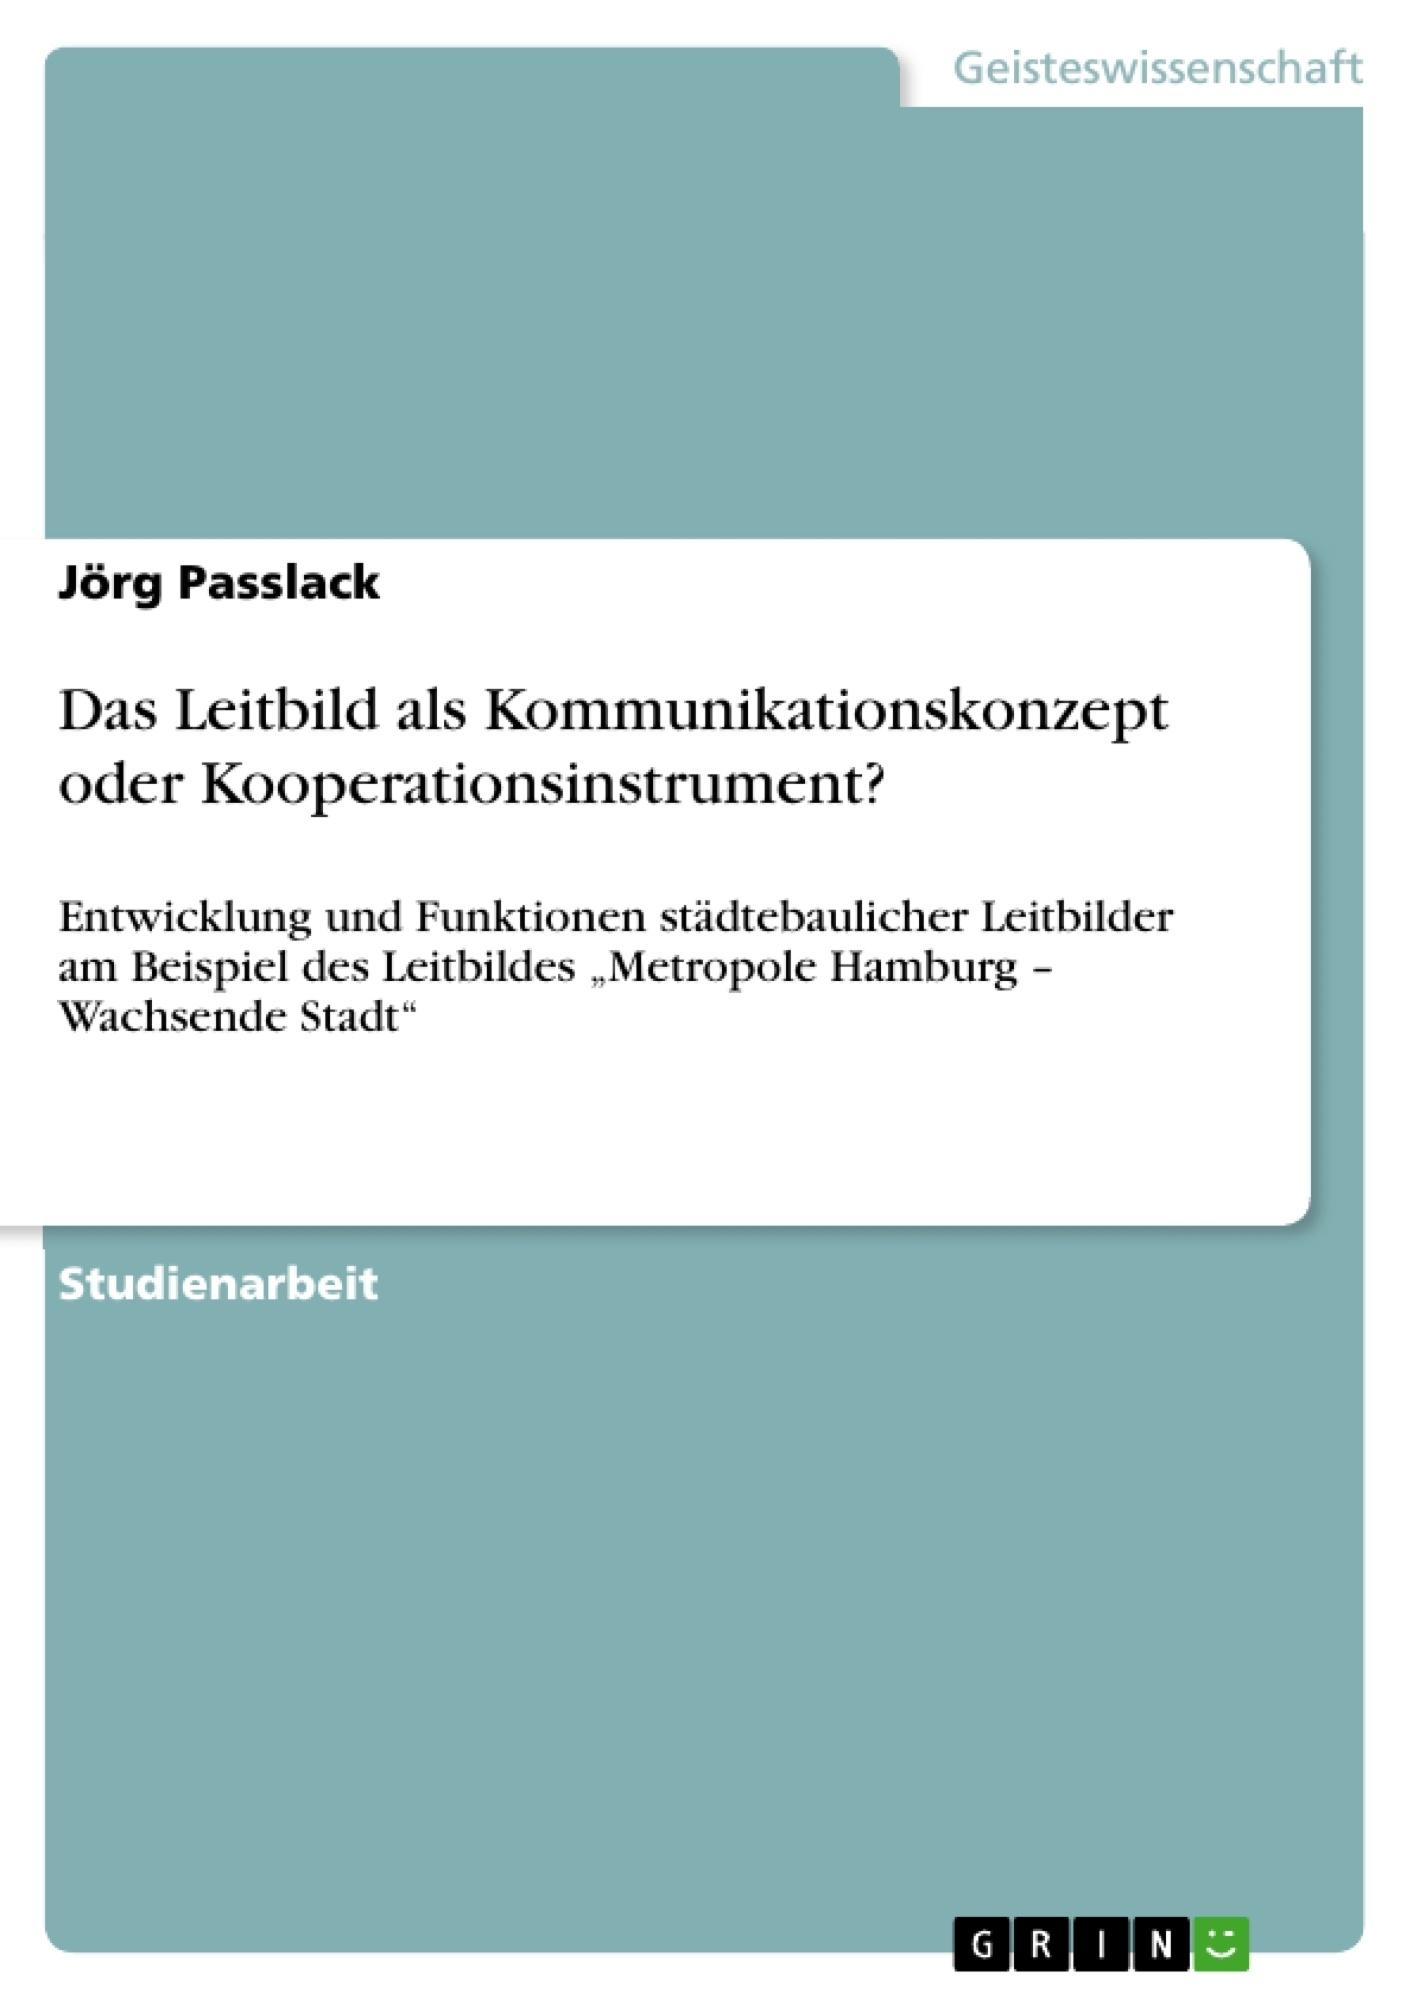 Titel: Das Leitbild als Kommunikationskonzept oder Kooperationsinstrument?